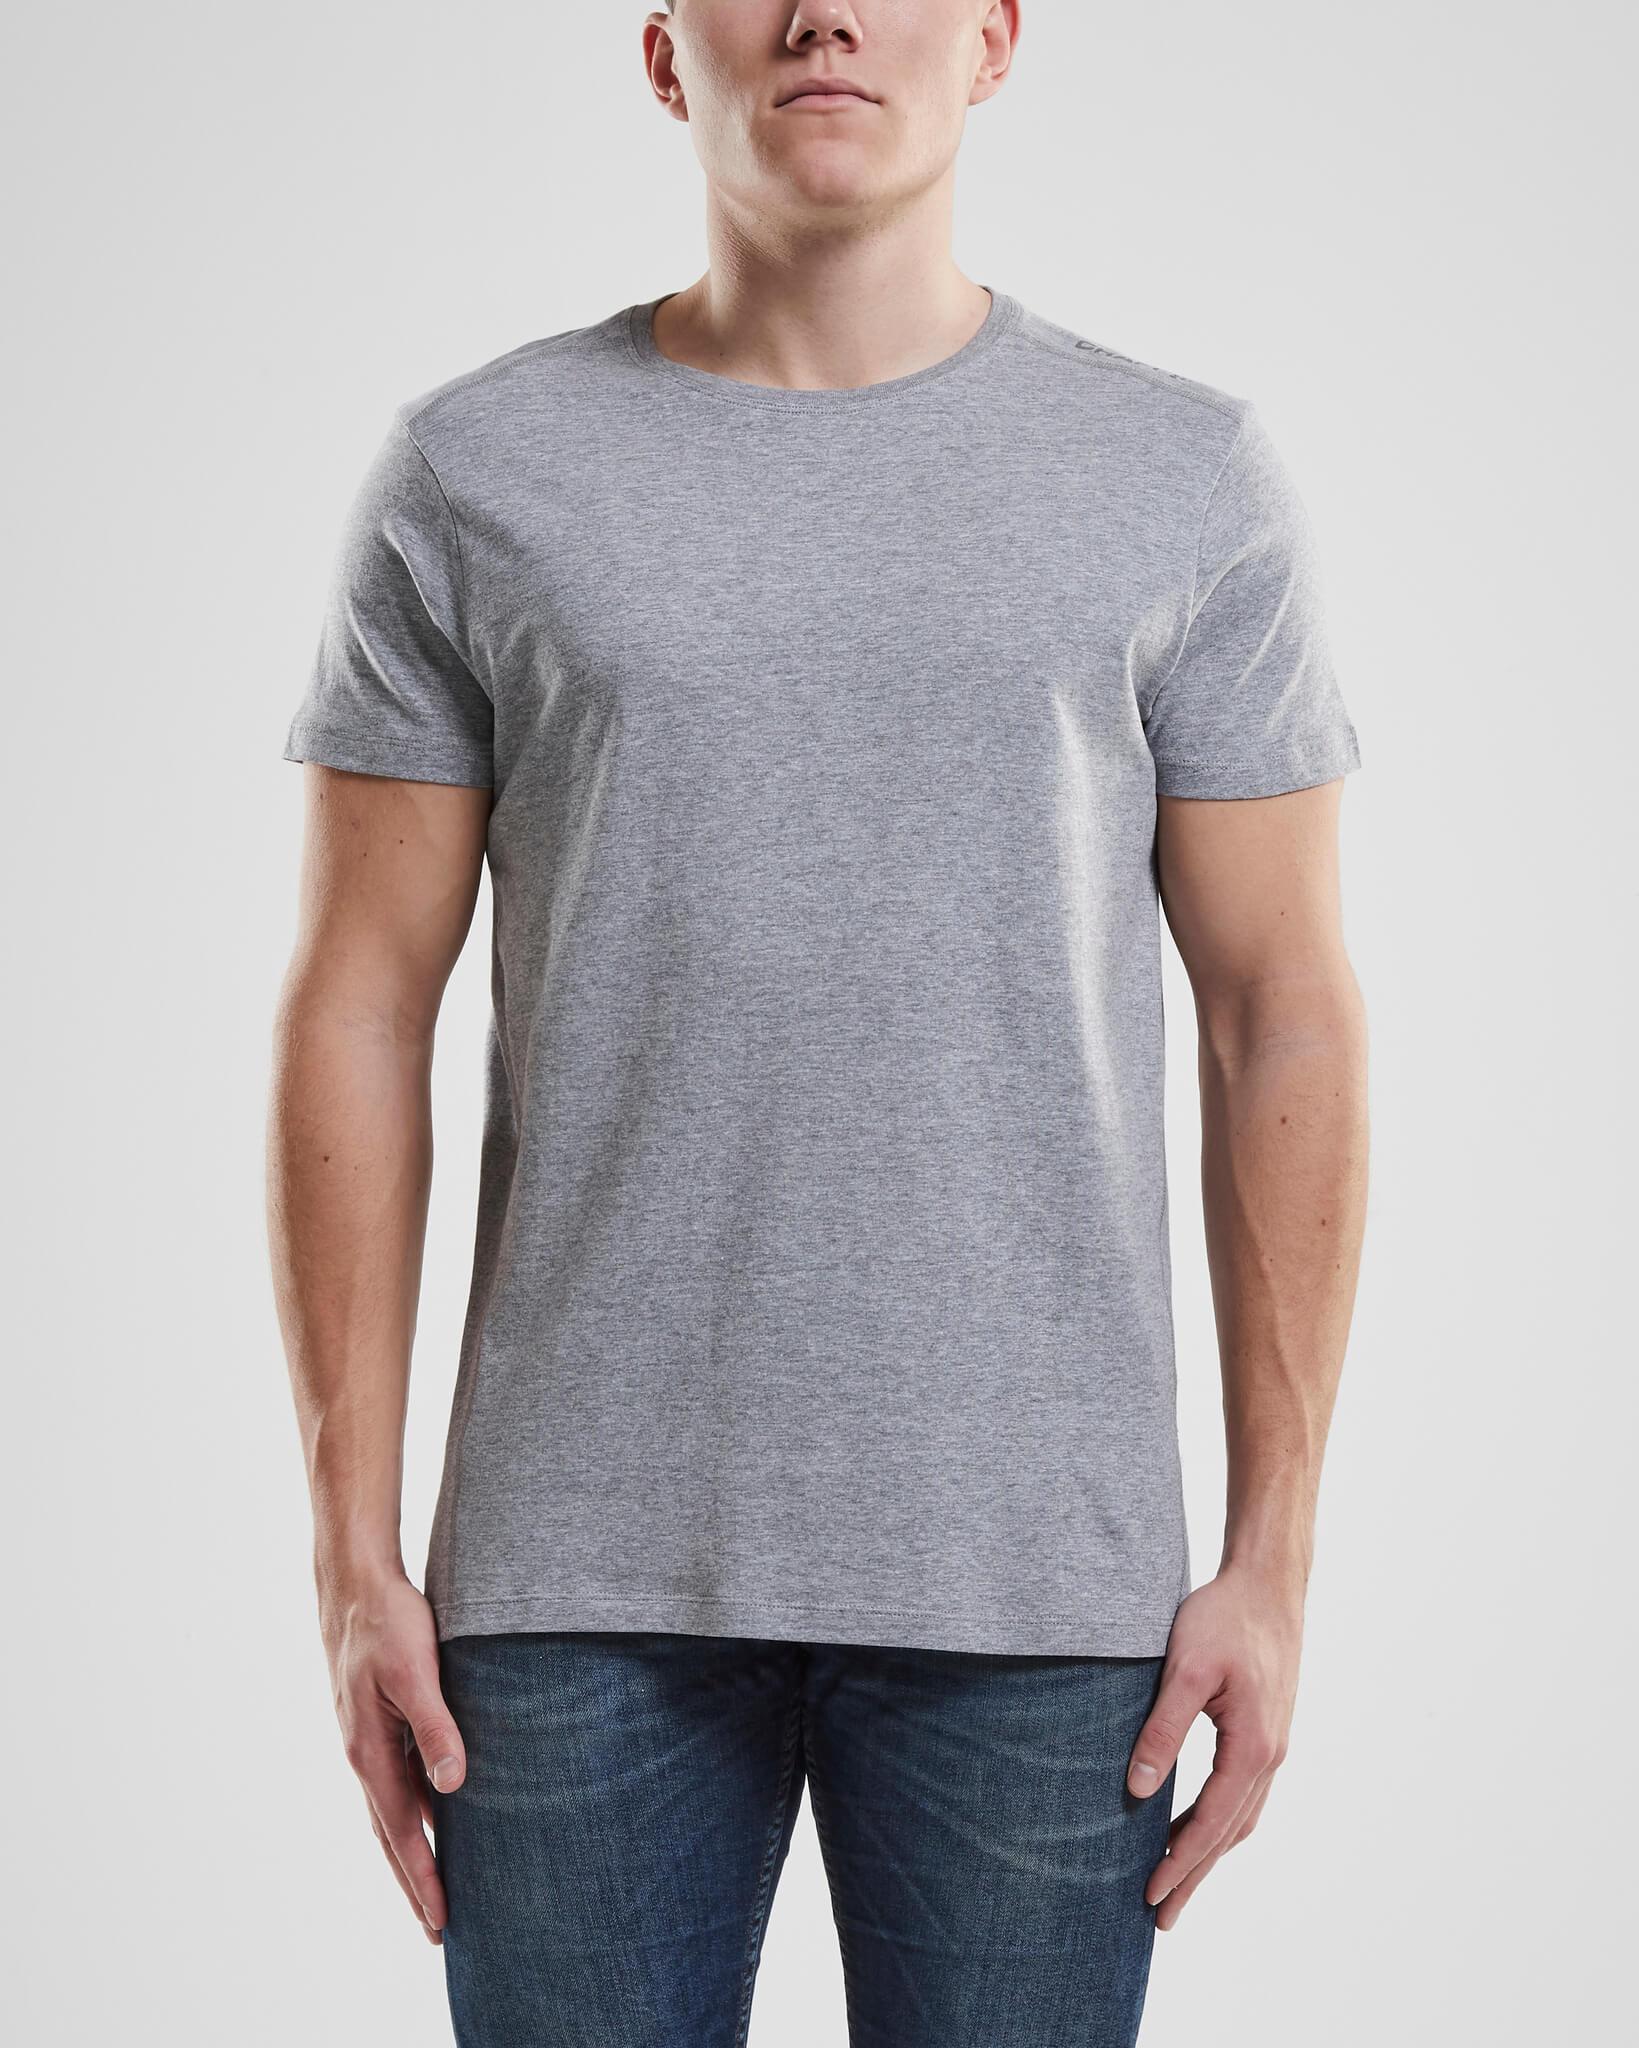 Craft Deft 2.0 футболка мужская grey - 2